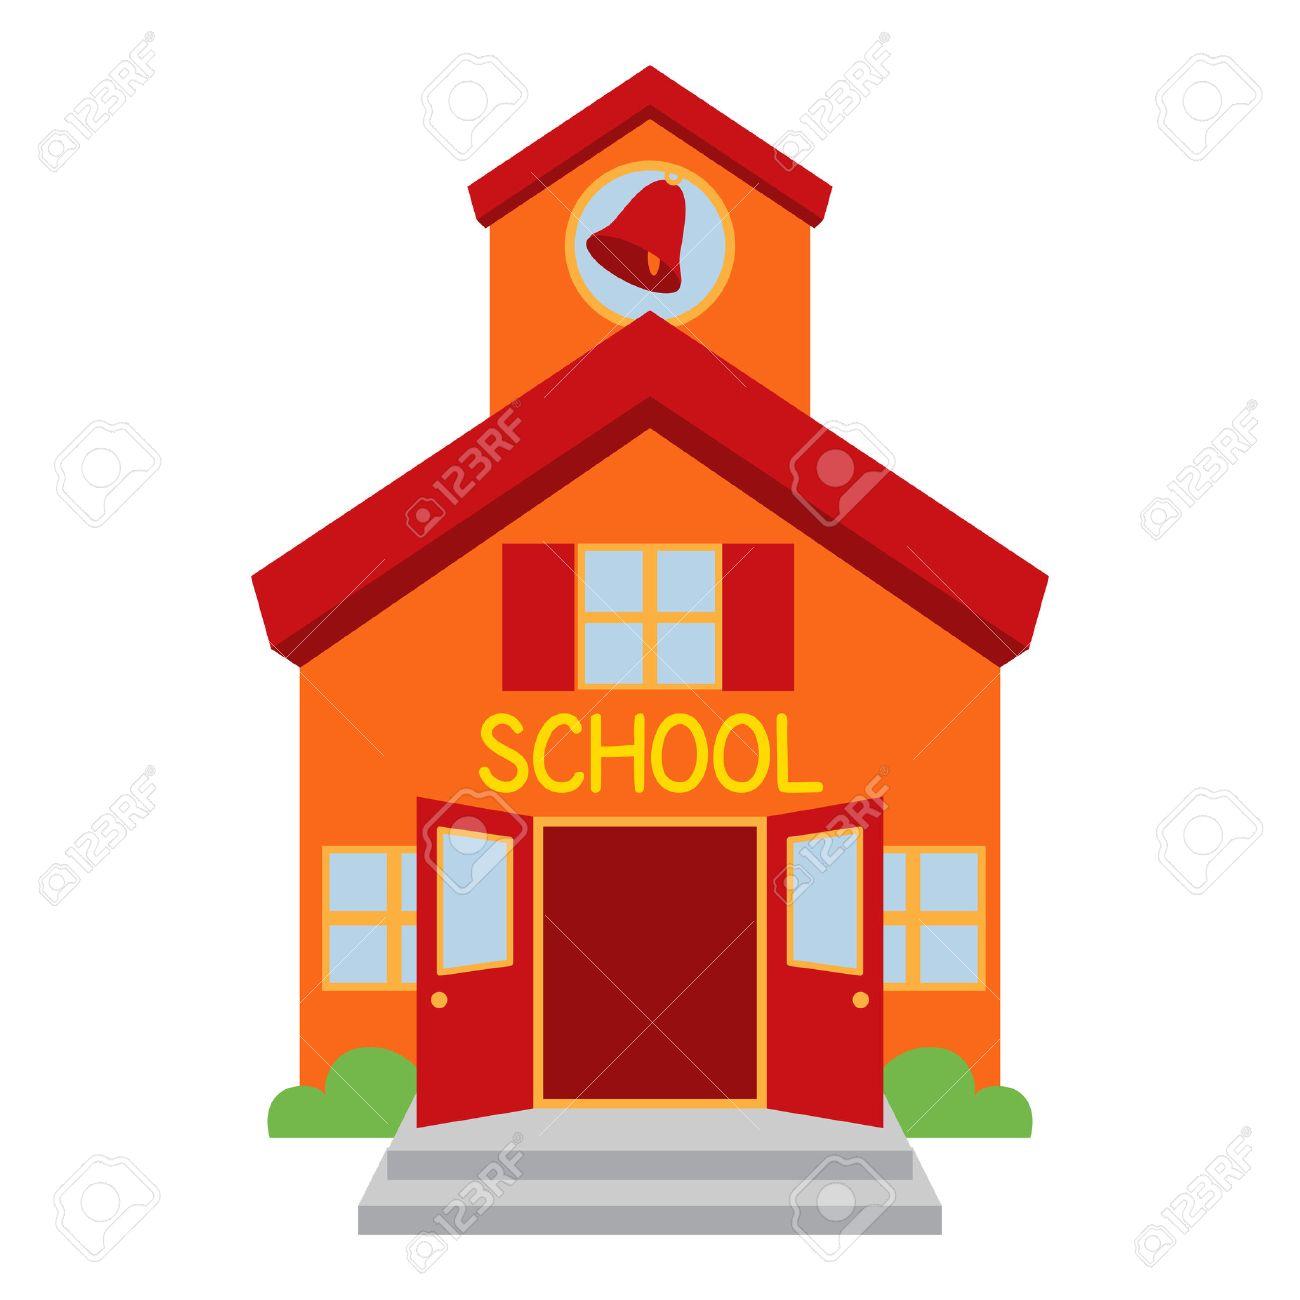 vector school building royalty free cliparts vectors and stock rh 123rf com school vector icon school vector background